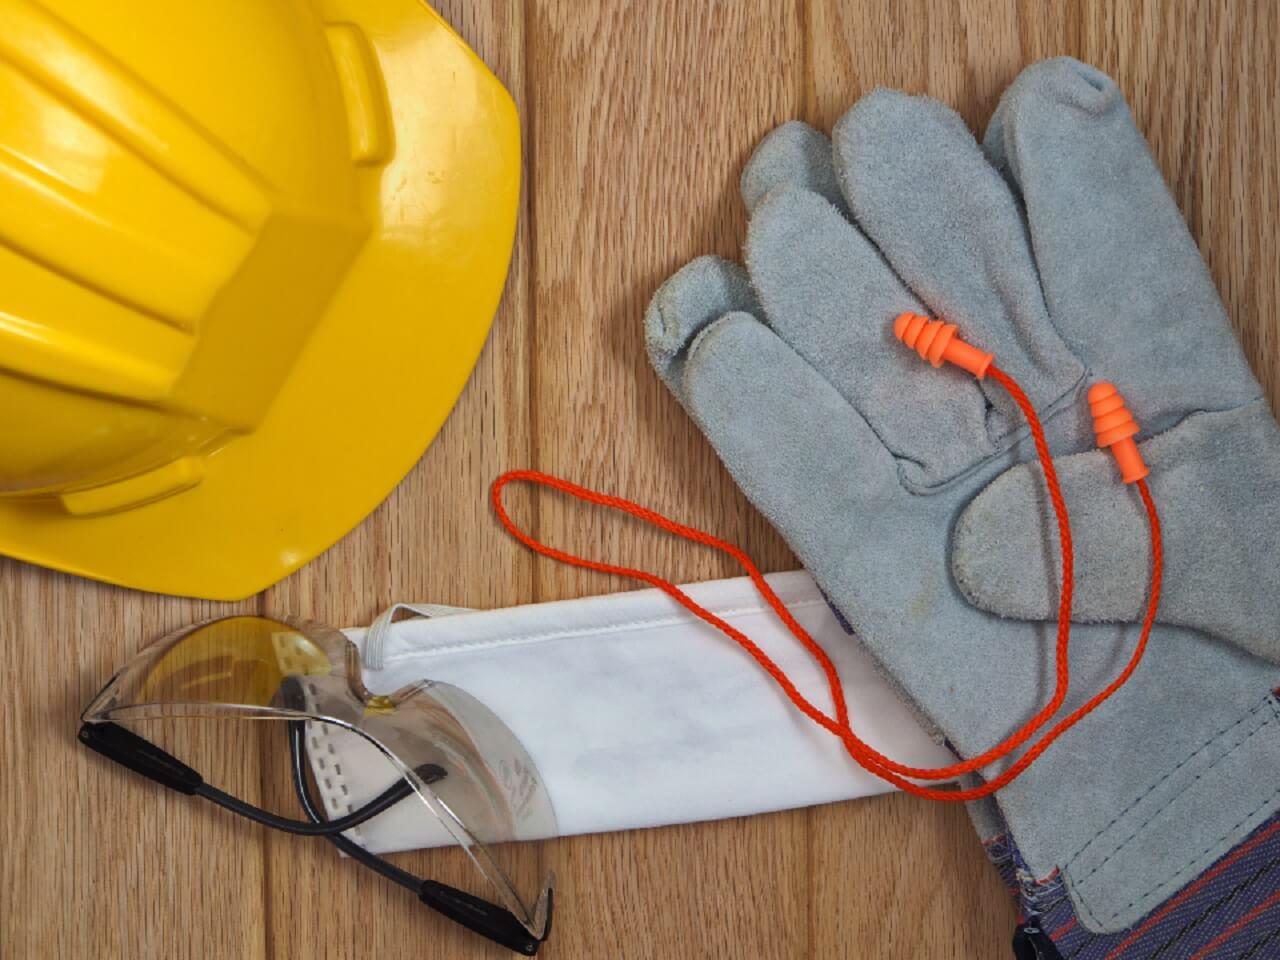 電熱式インナー手袋